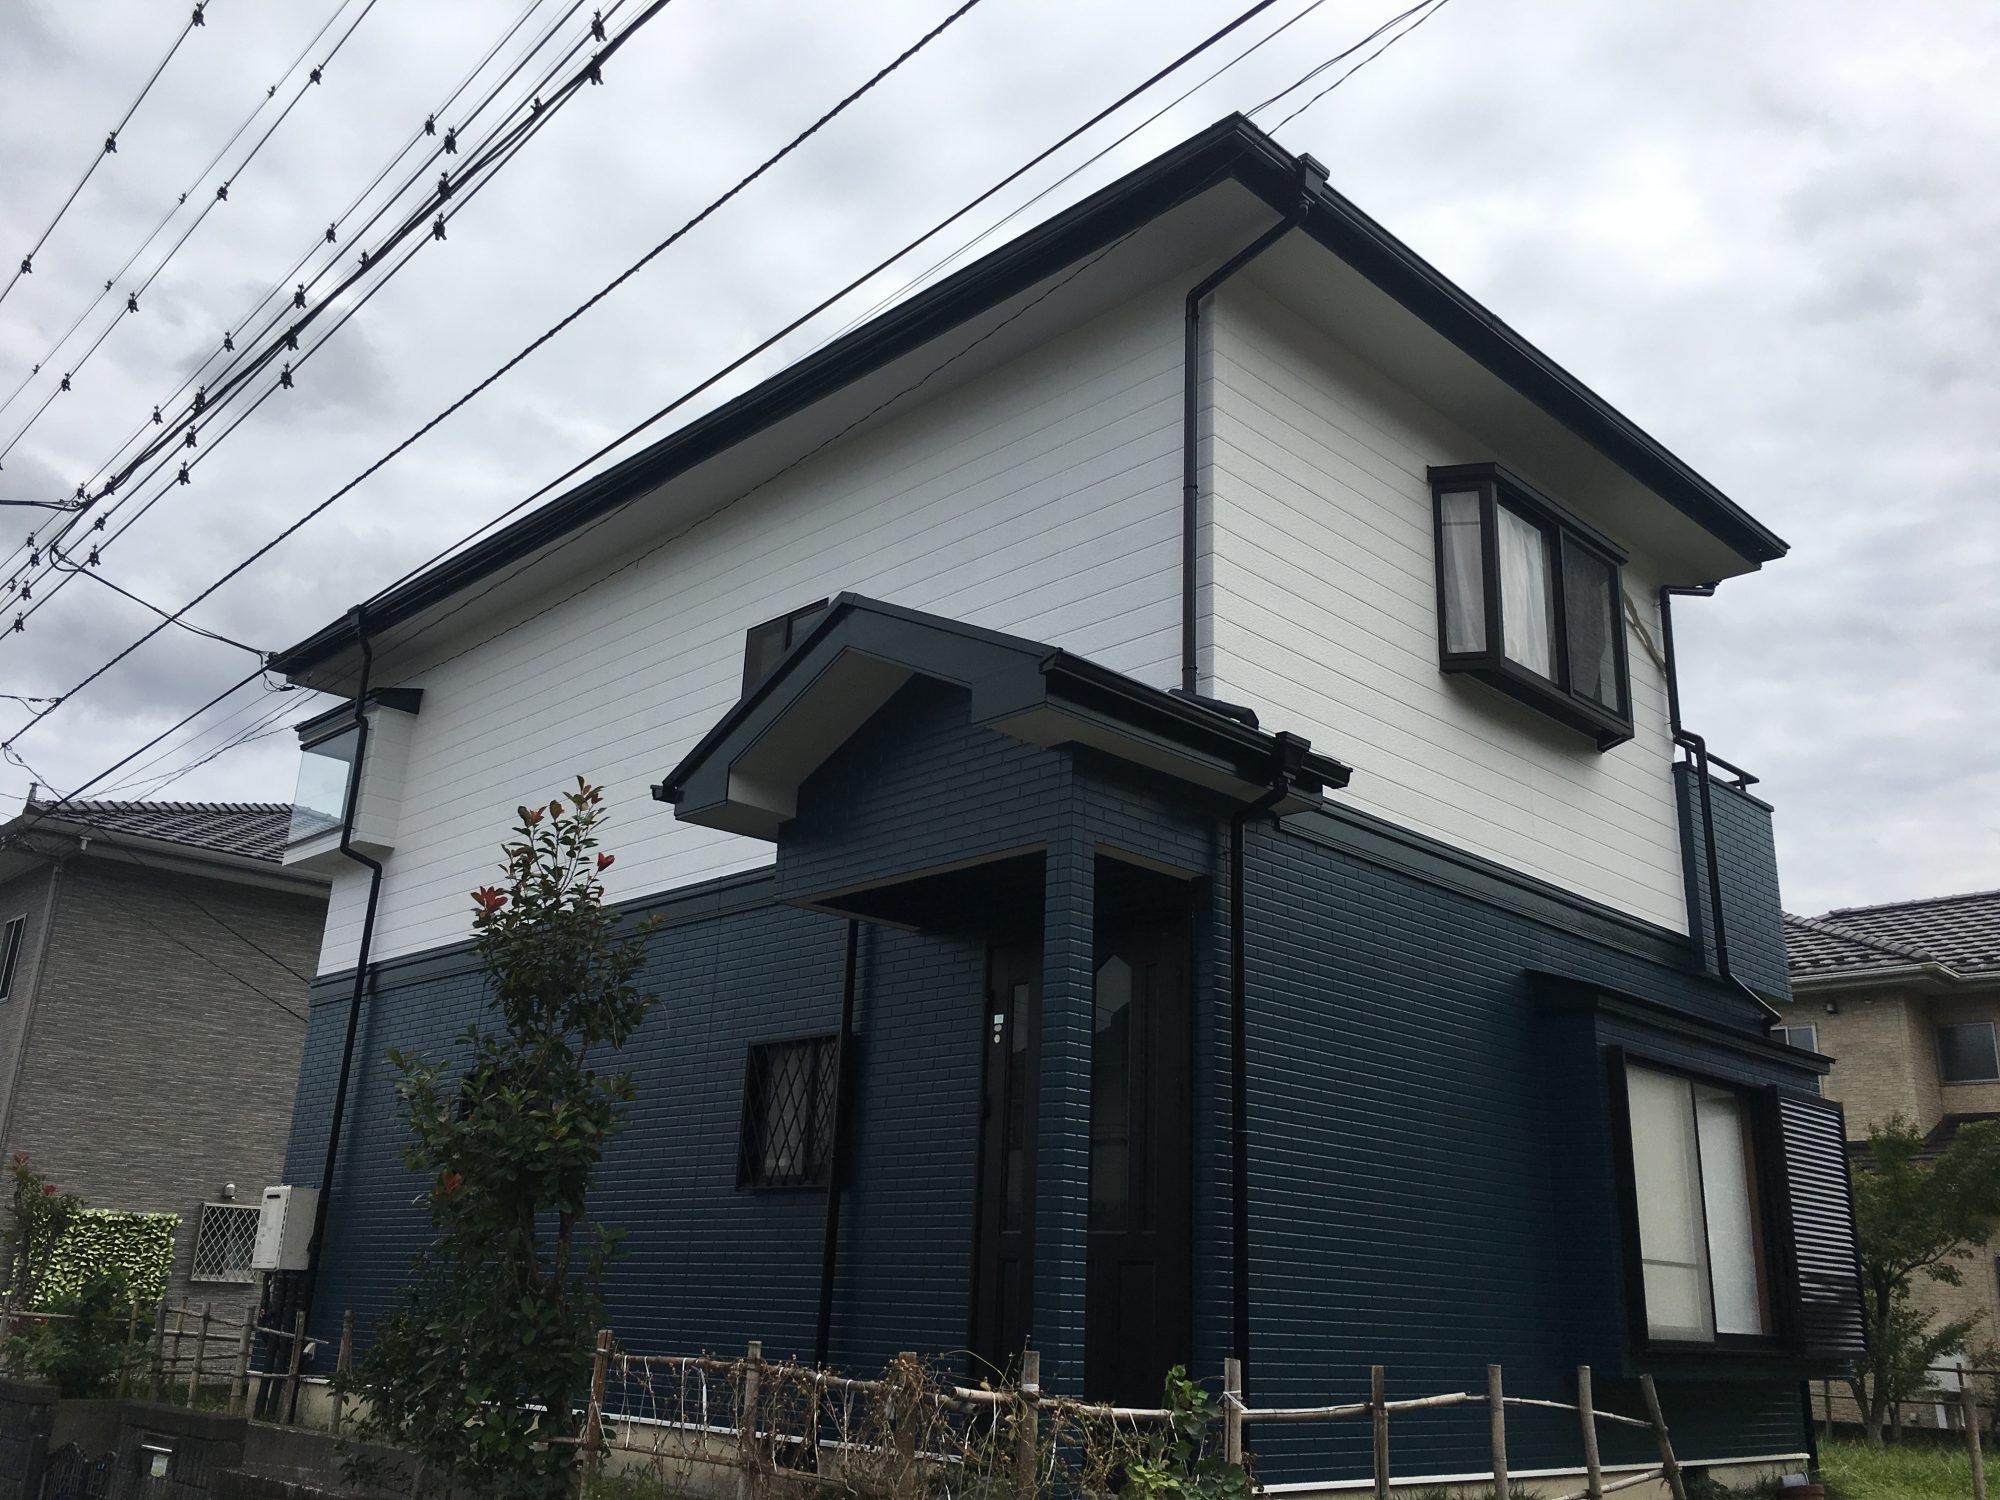 睦沢町N様邸屋根外壁塗装工事 After